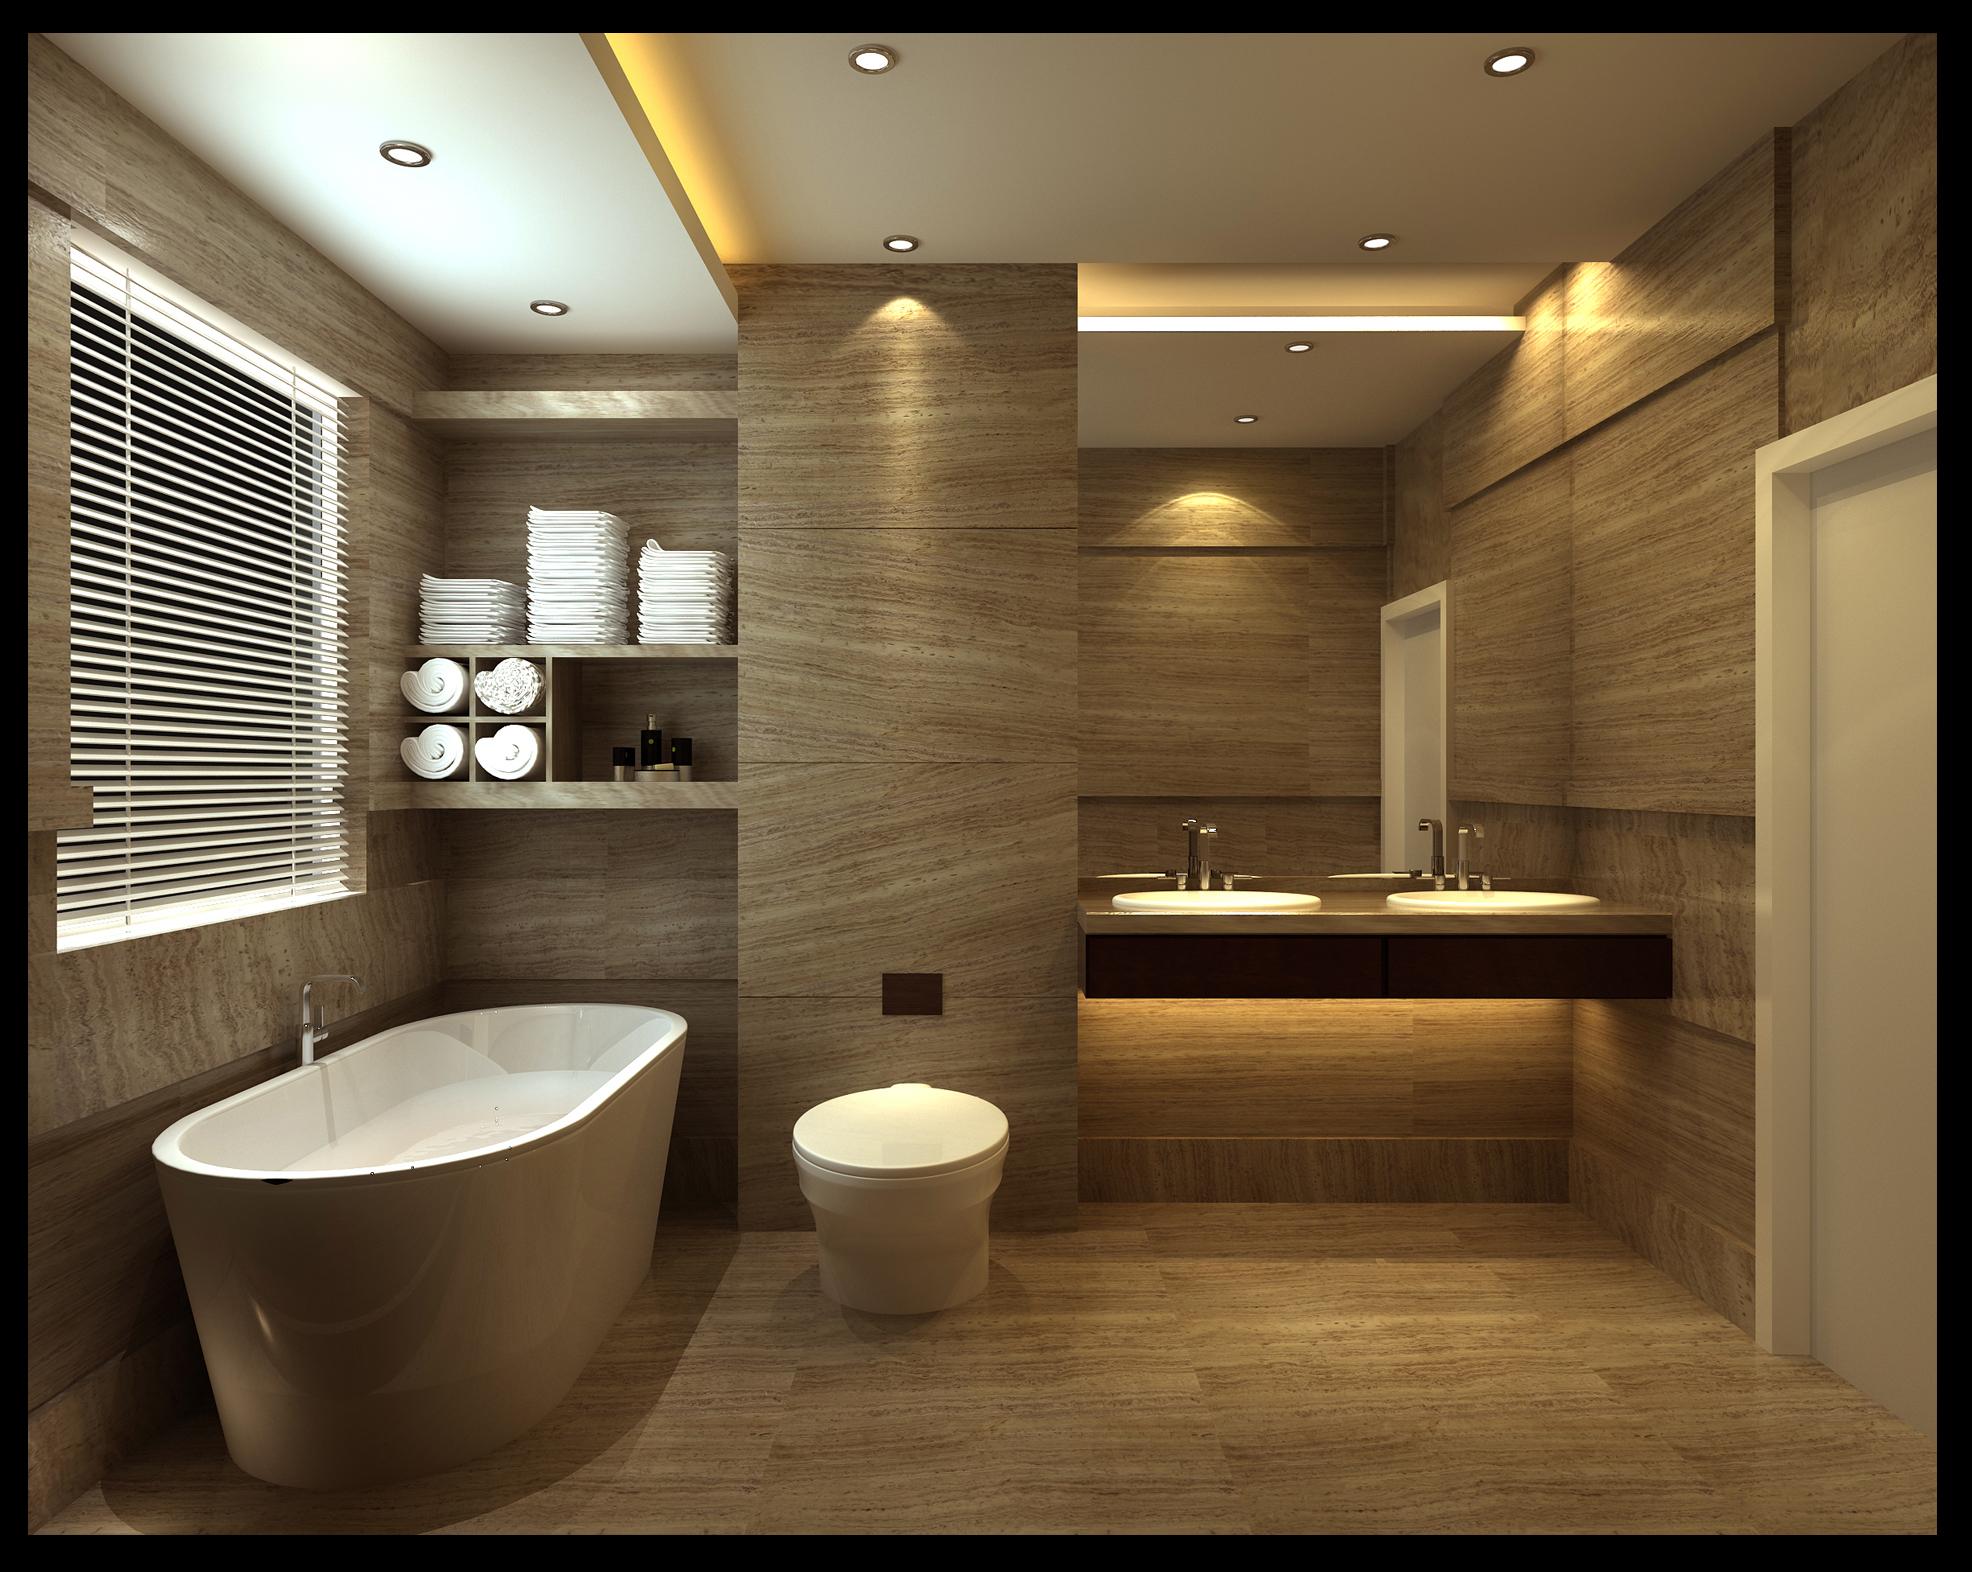 Дизайн ванной совмещенной с туалетом комнаты 2017-2018 современные идеи